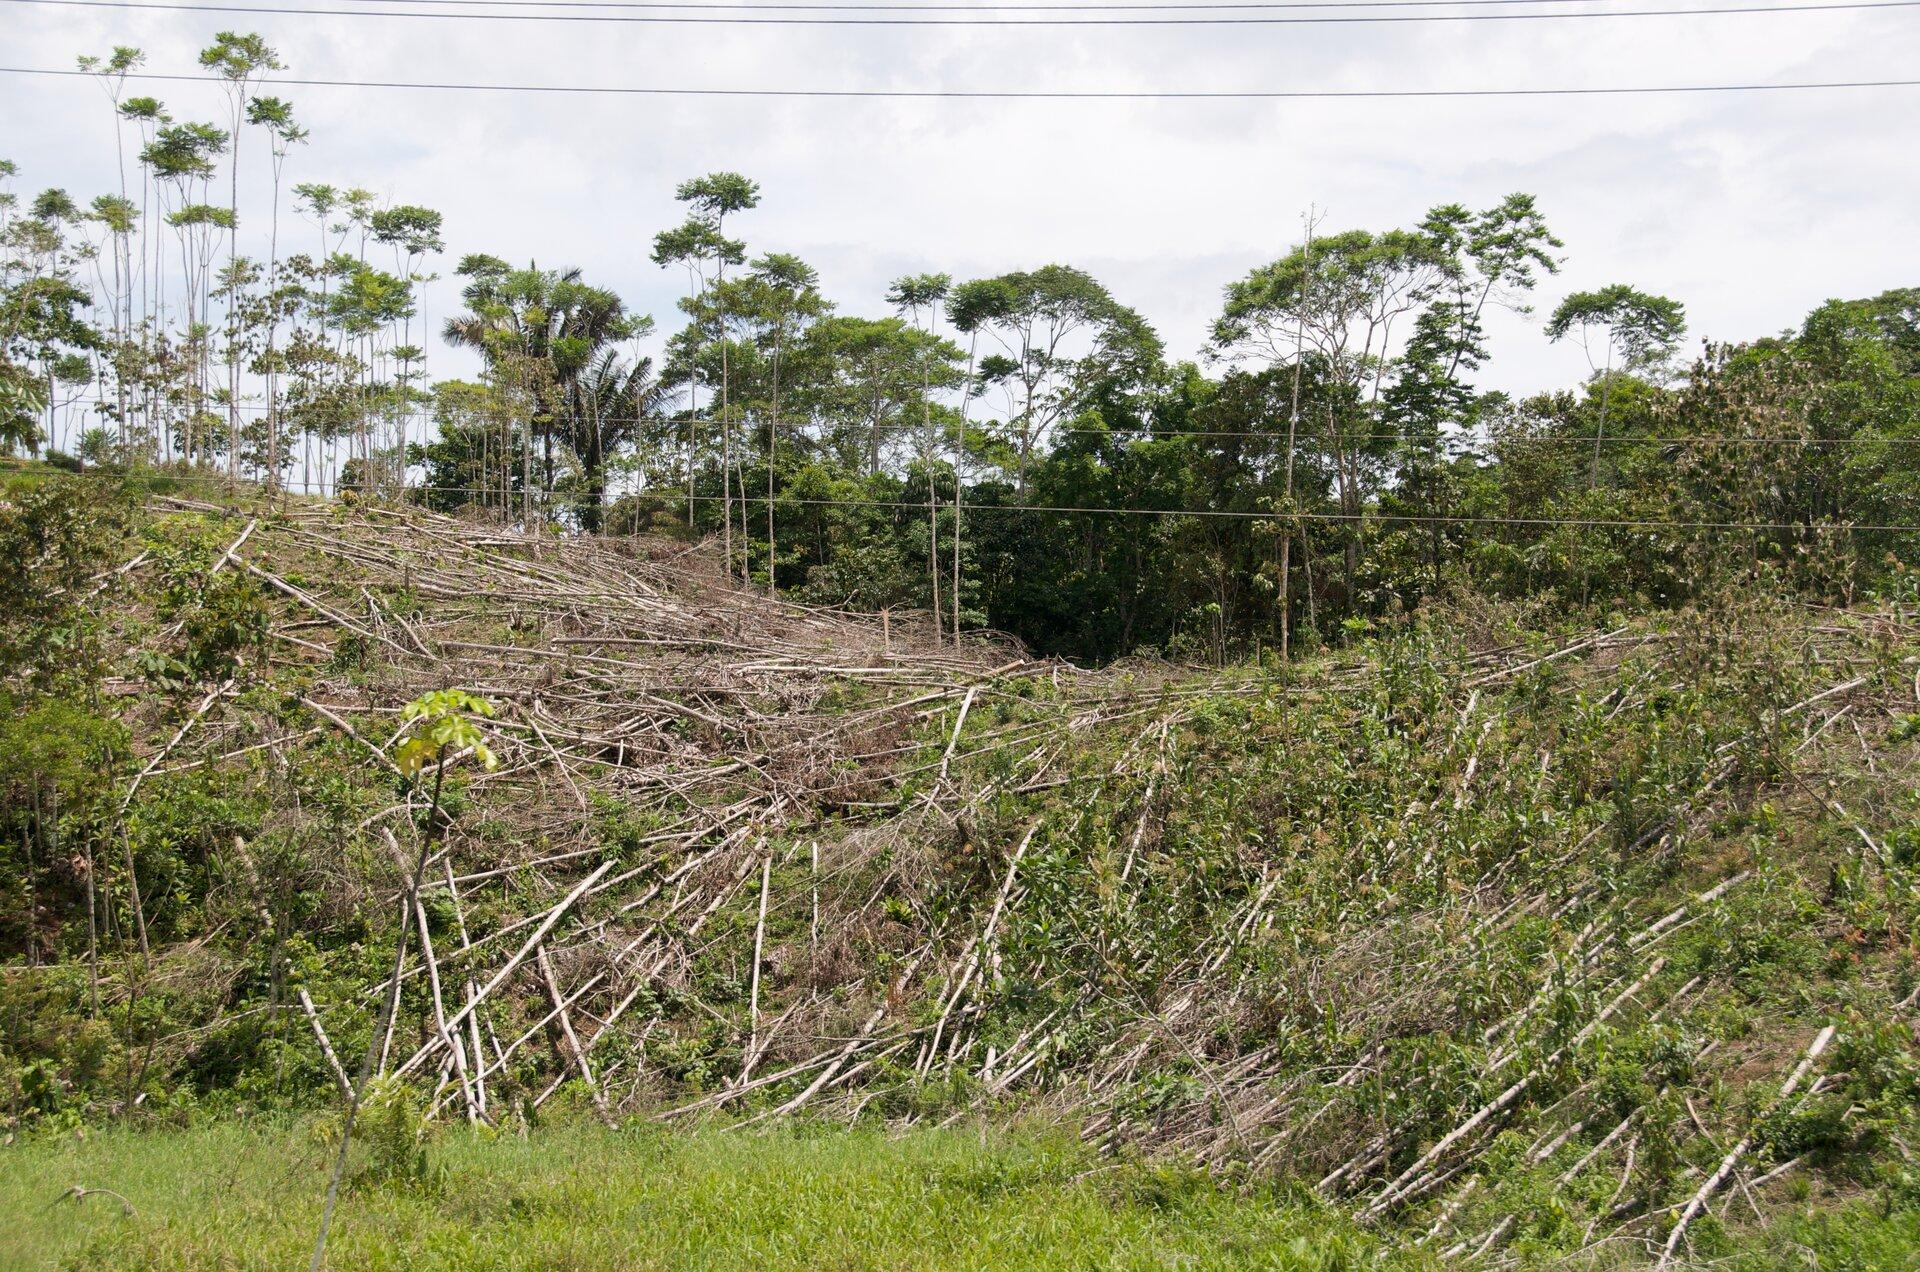 Fotografia prezentuje miejsce wyrębu lasu równikowego. Widoczne wzniesienie pokryte ściętymi pniami drzew.